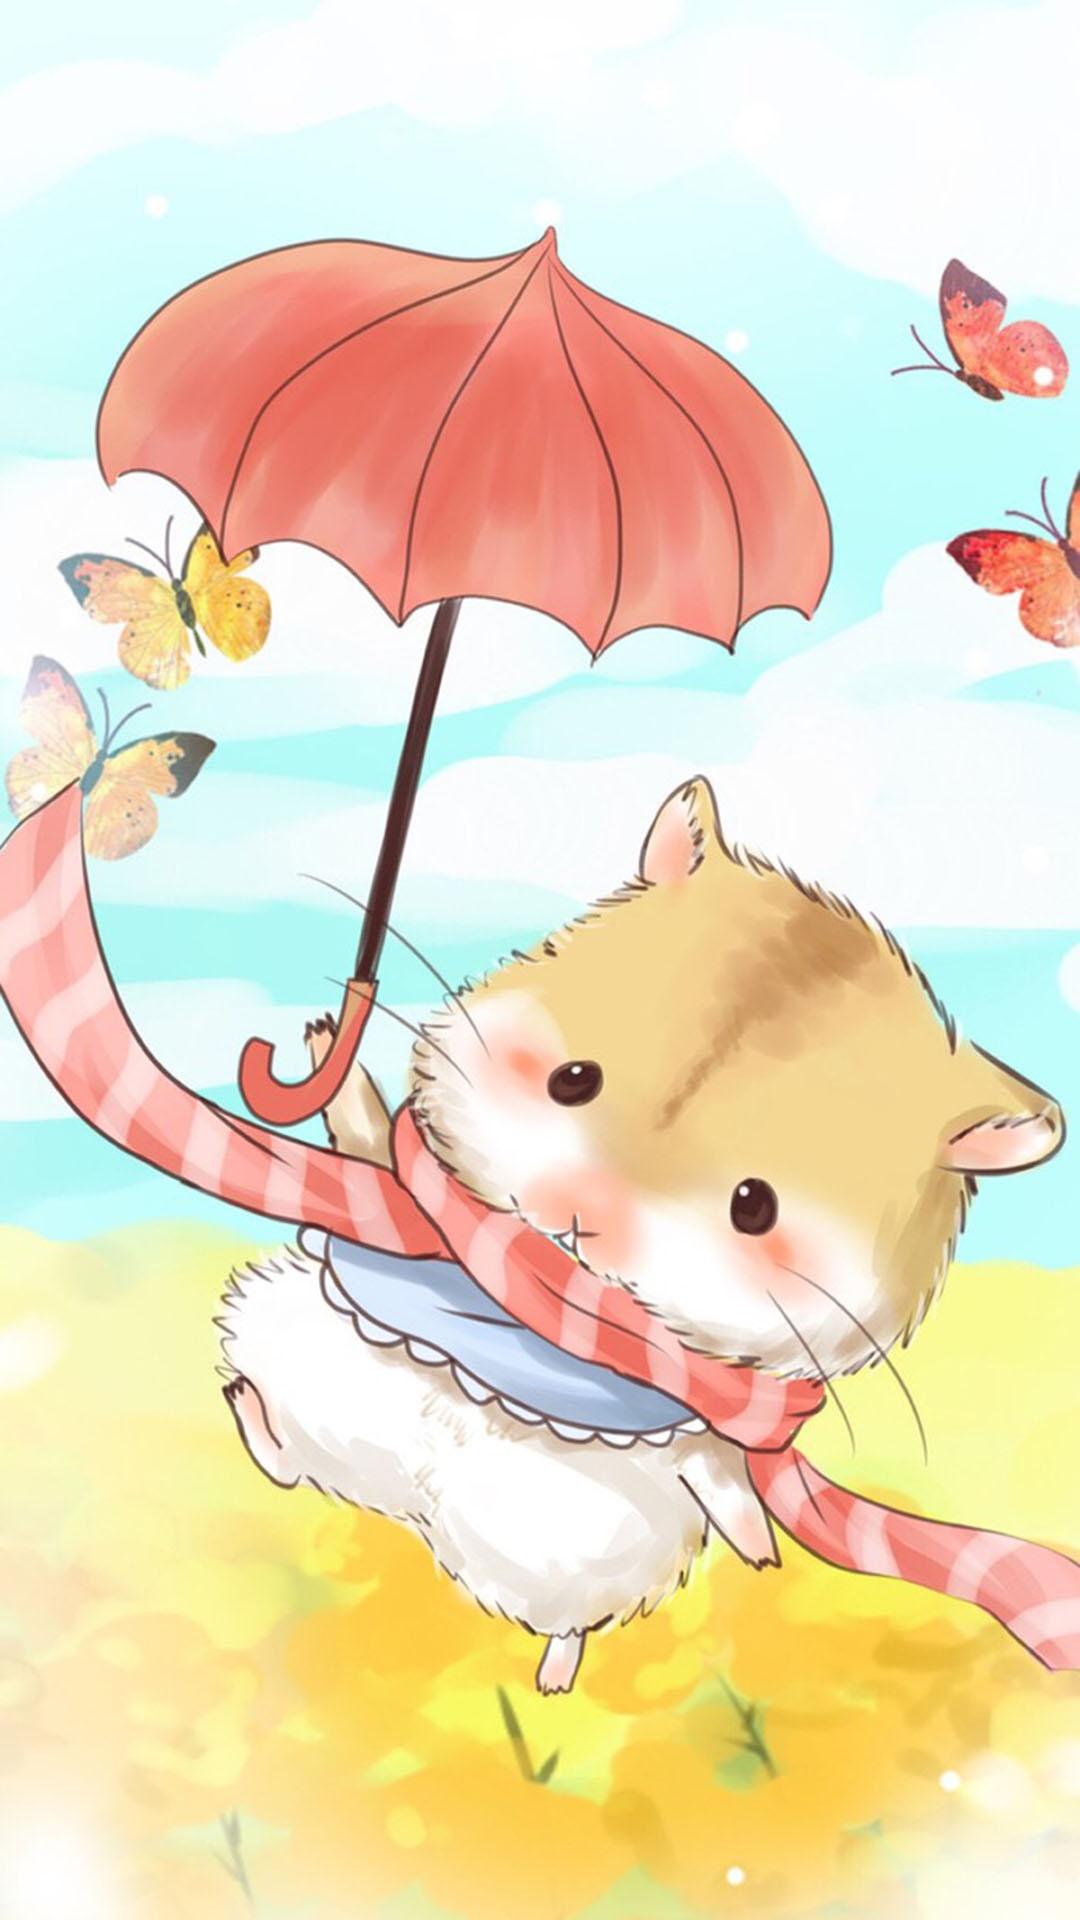 手绘 可爱小仓鼠 苹果手机高清壁纸 1080x1920